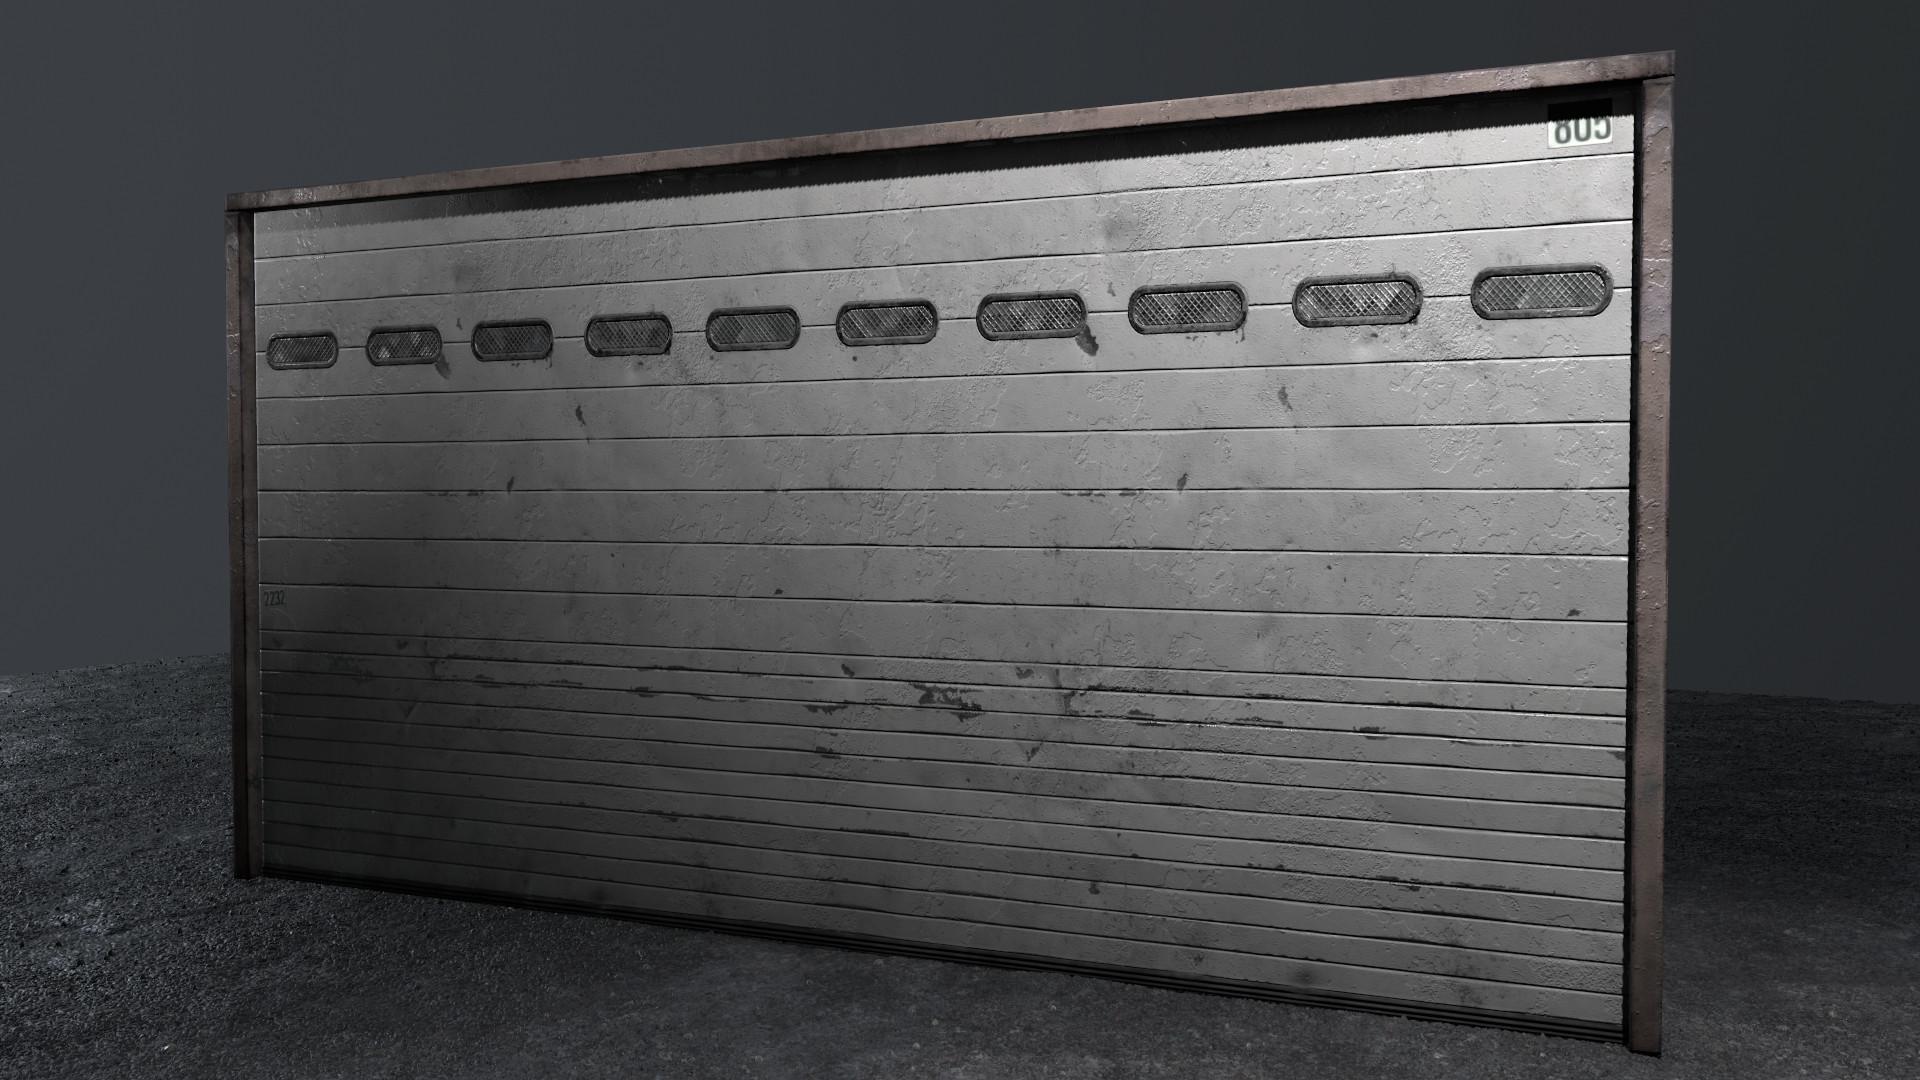 Kurt kupser assets 0005 garage door